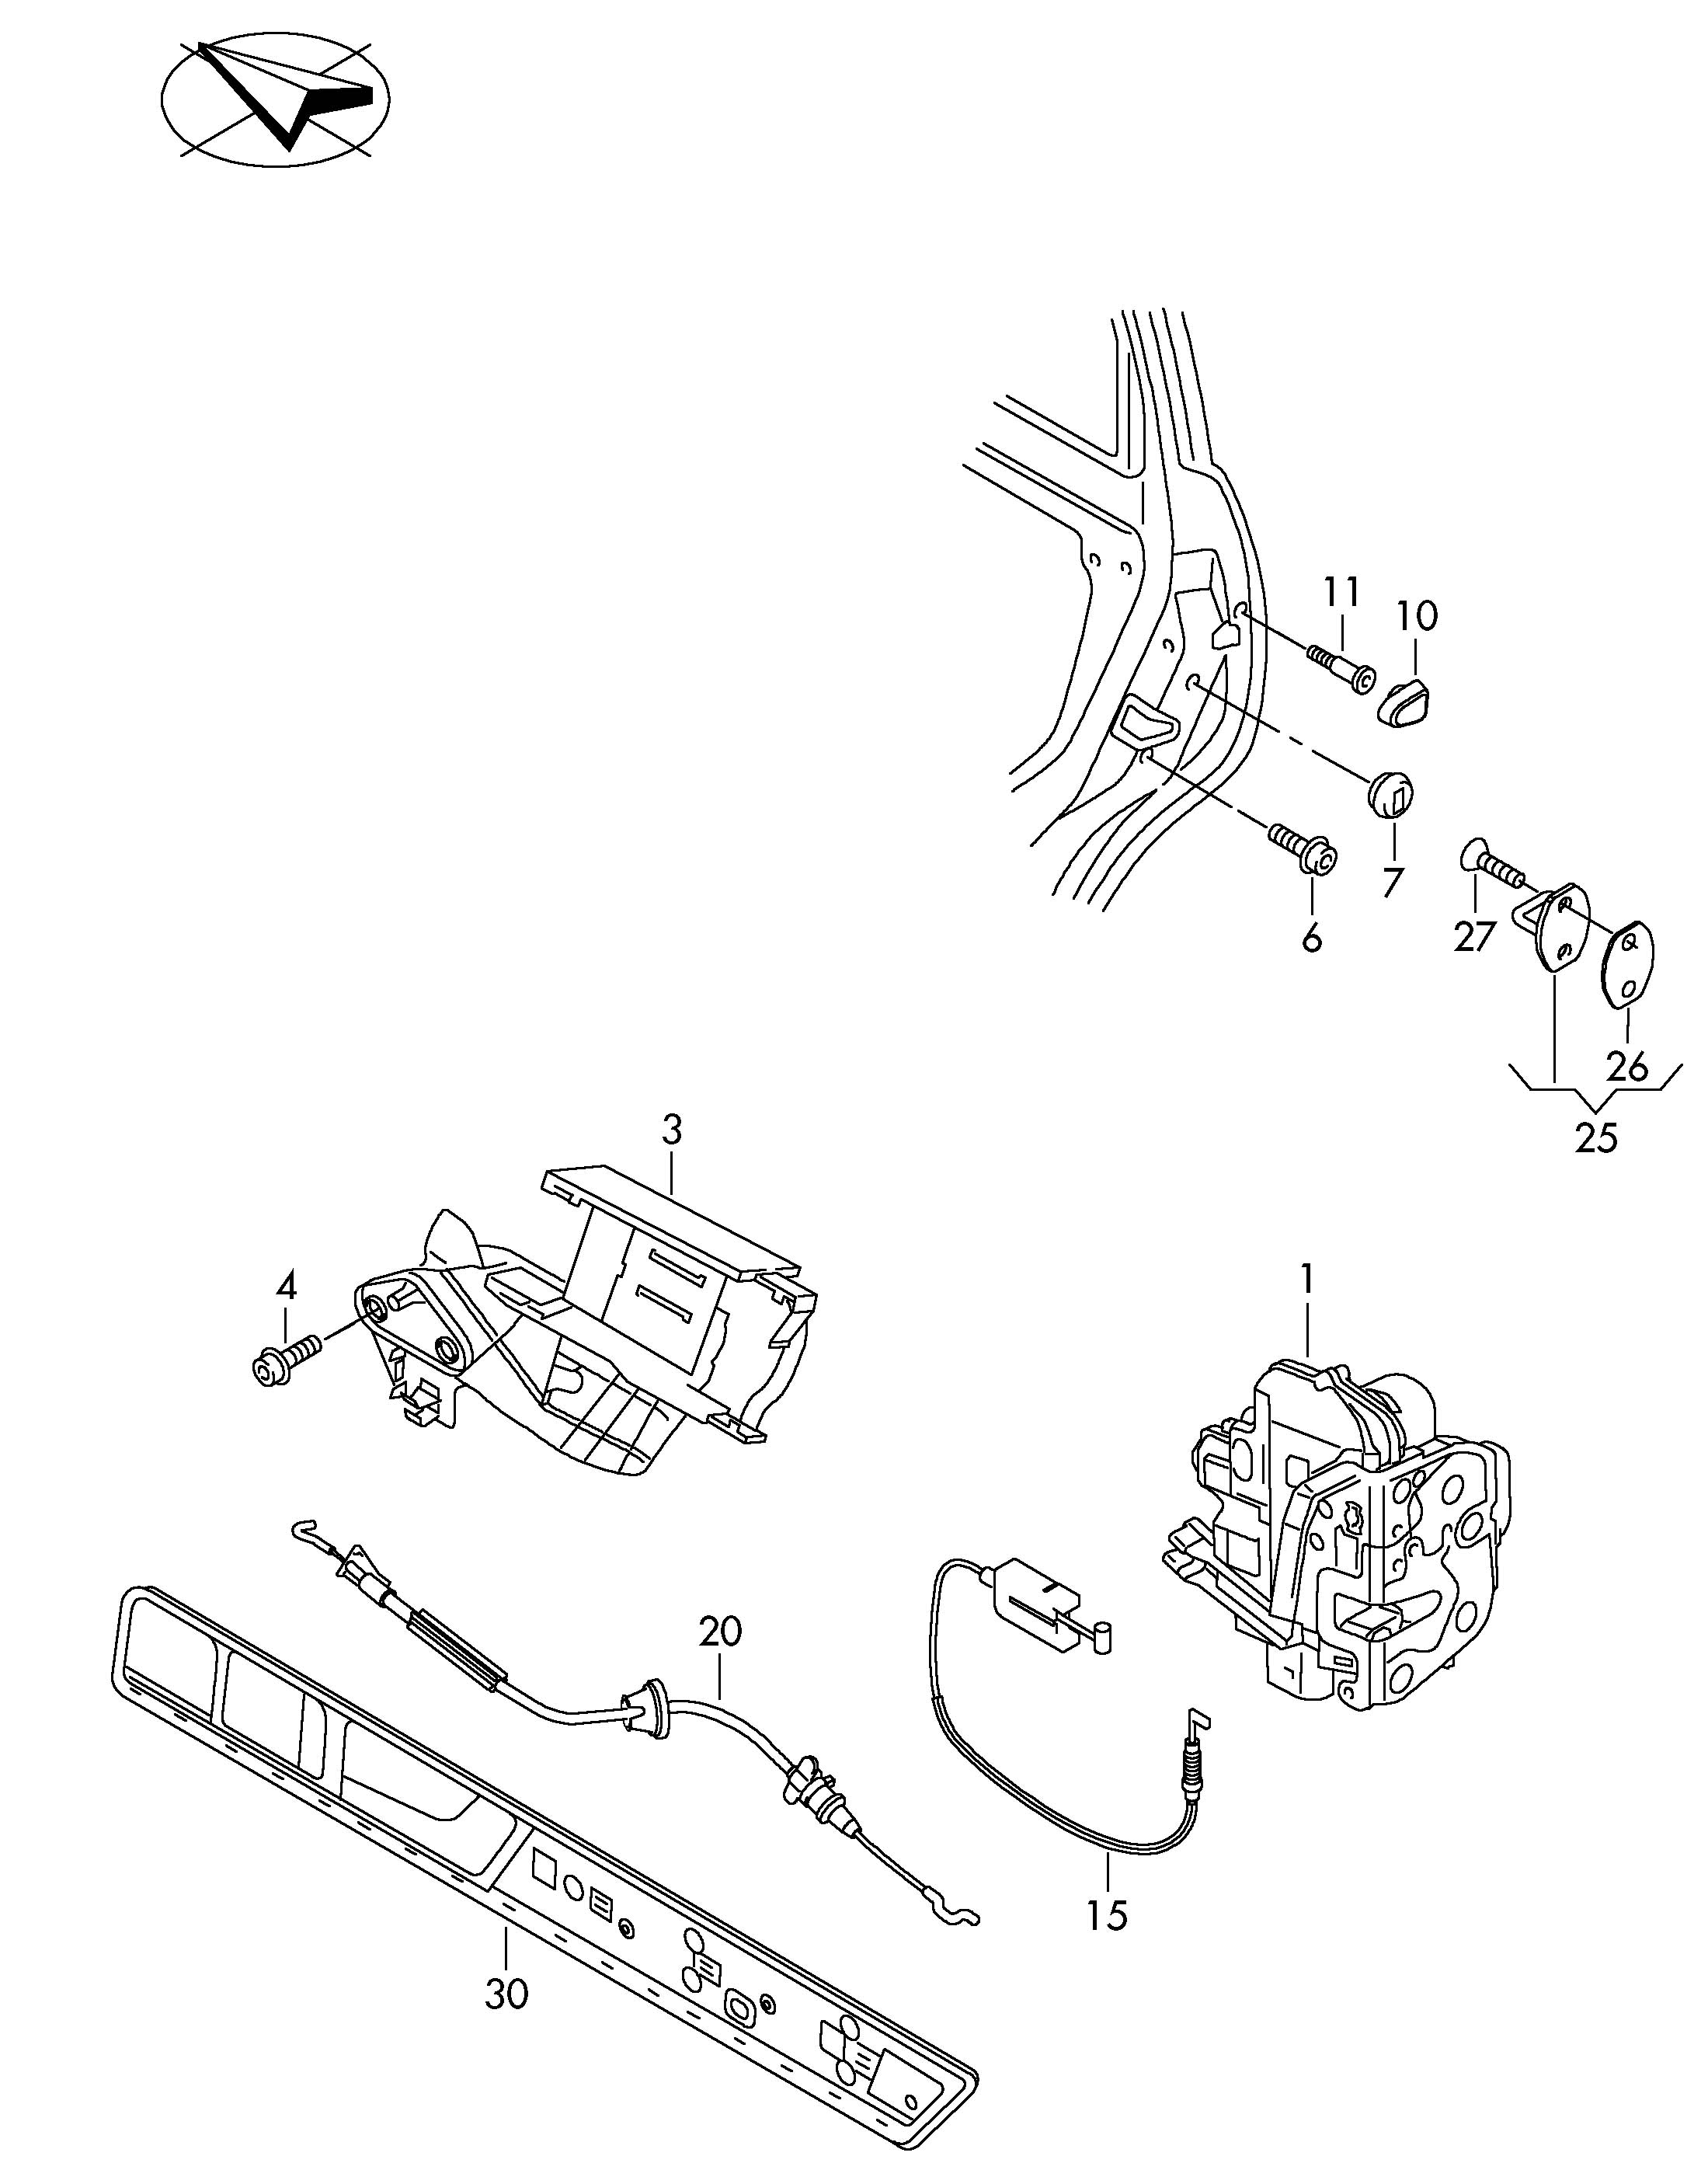 Vw golf mk3 fuse box diagram auto wiring diagram 693837000 vw golf mk3 fuse box